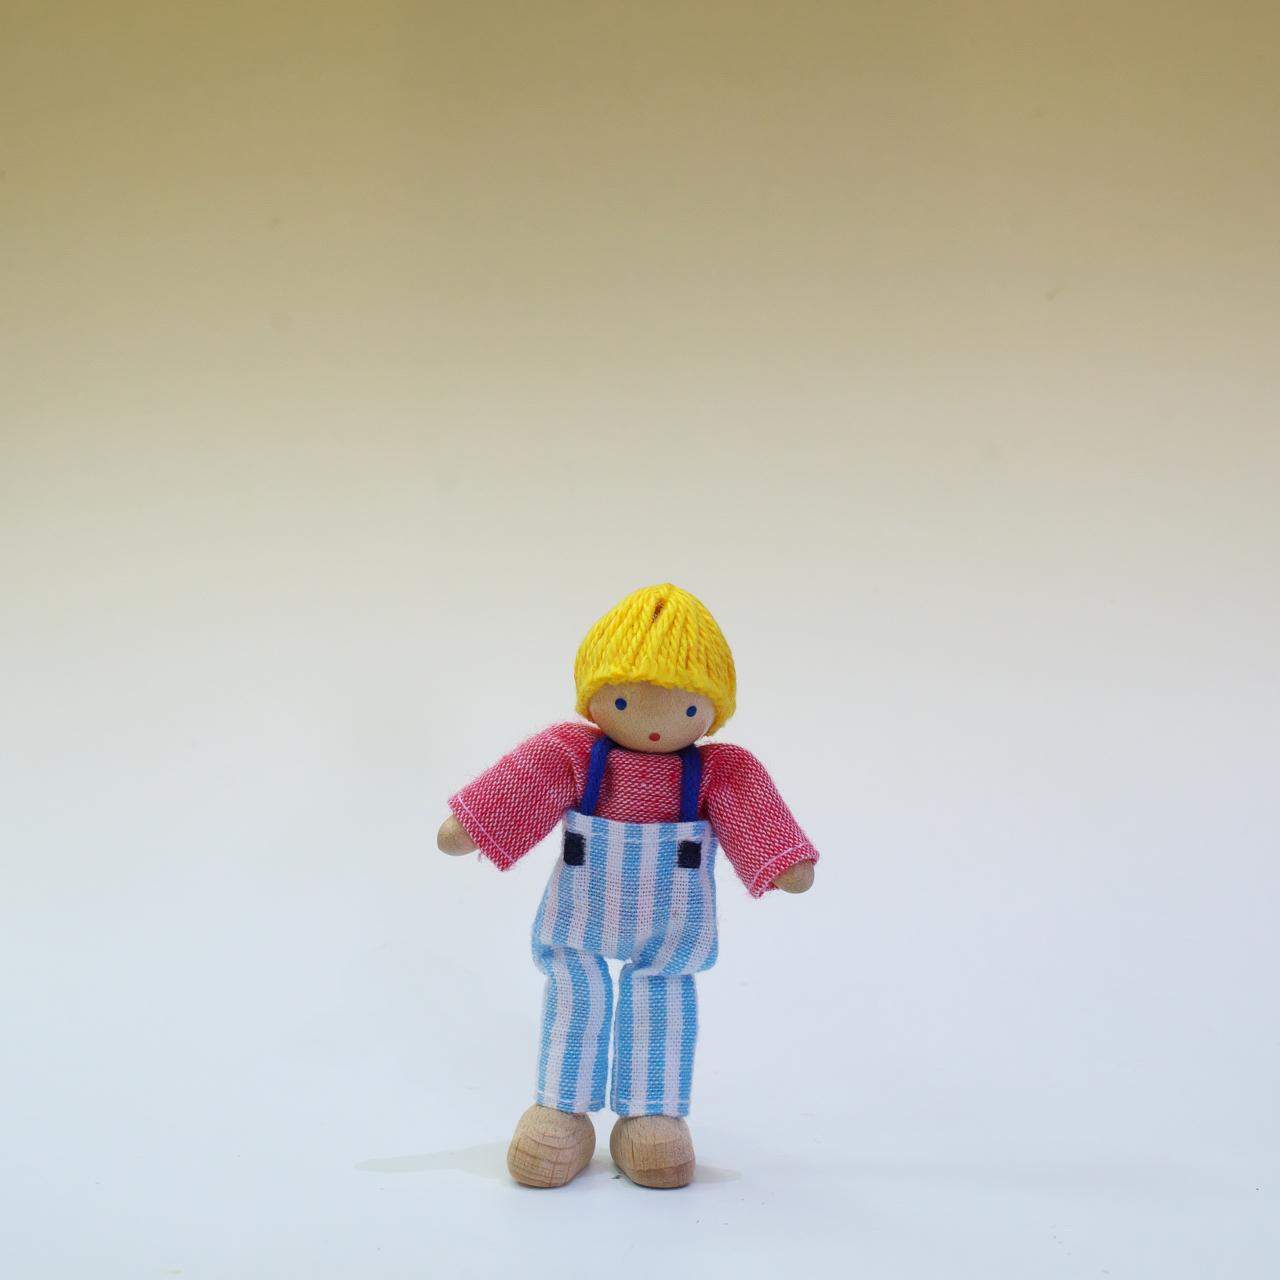 ヘアヴィック製人形 金髪の男の子(赤シャツ)